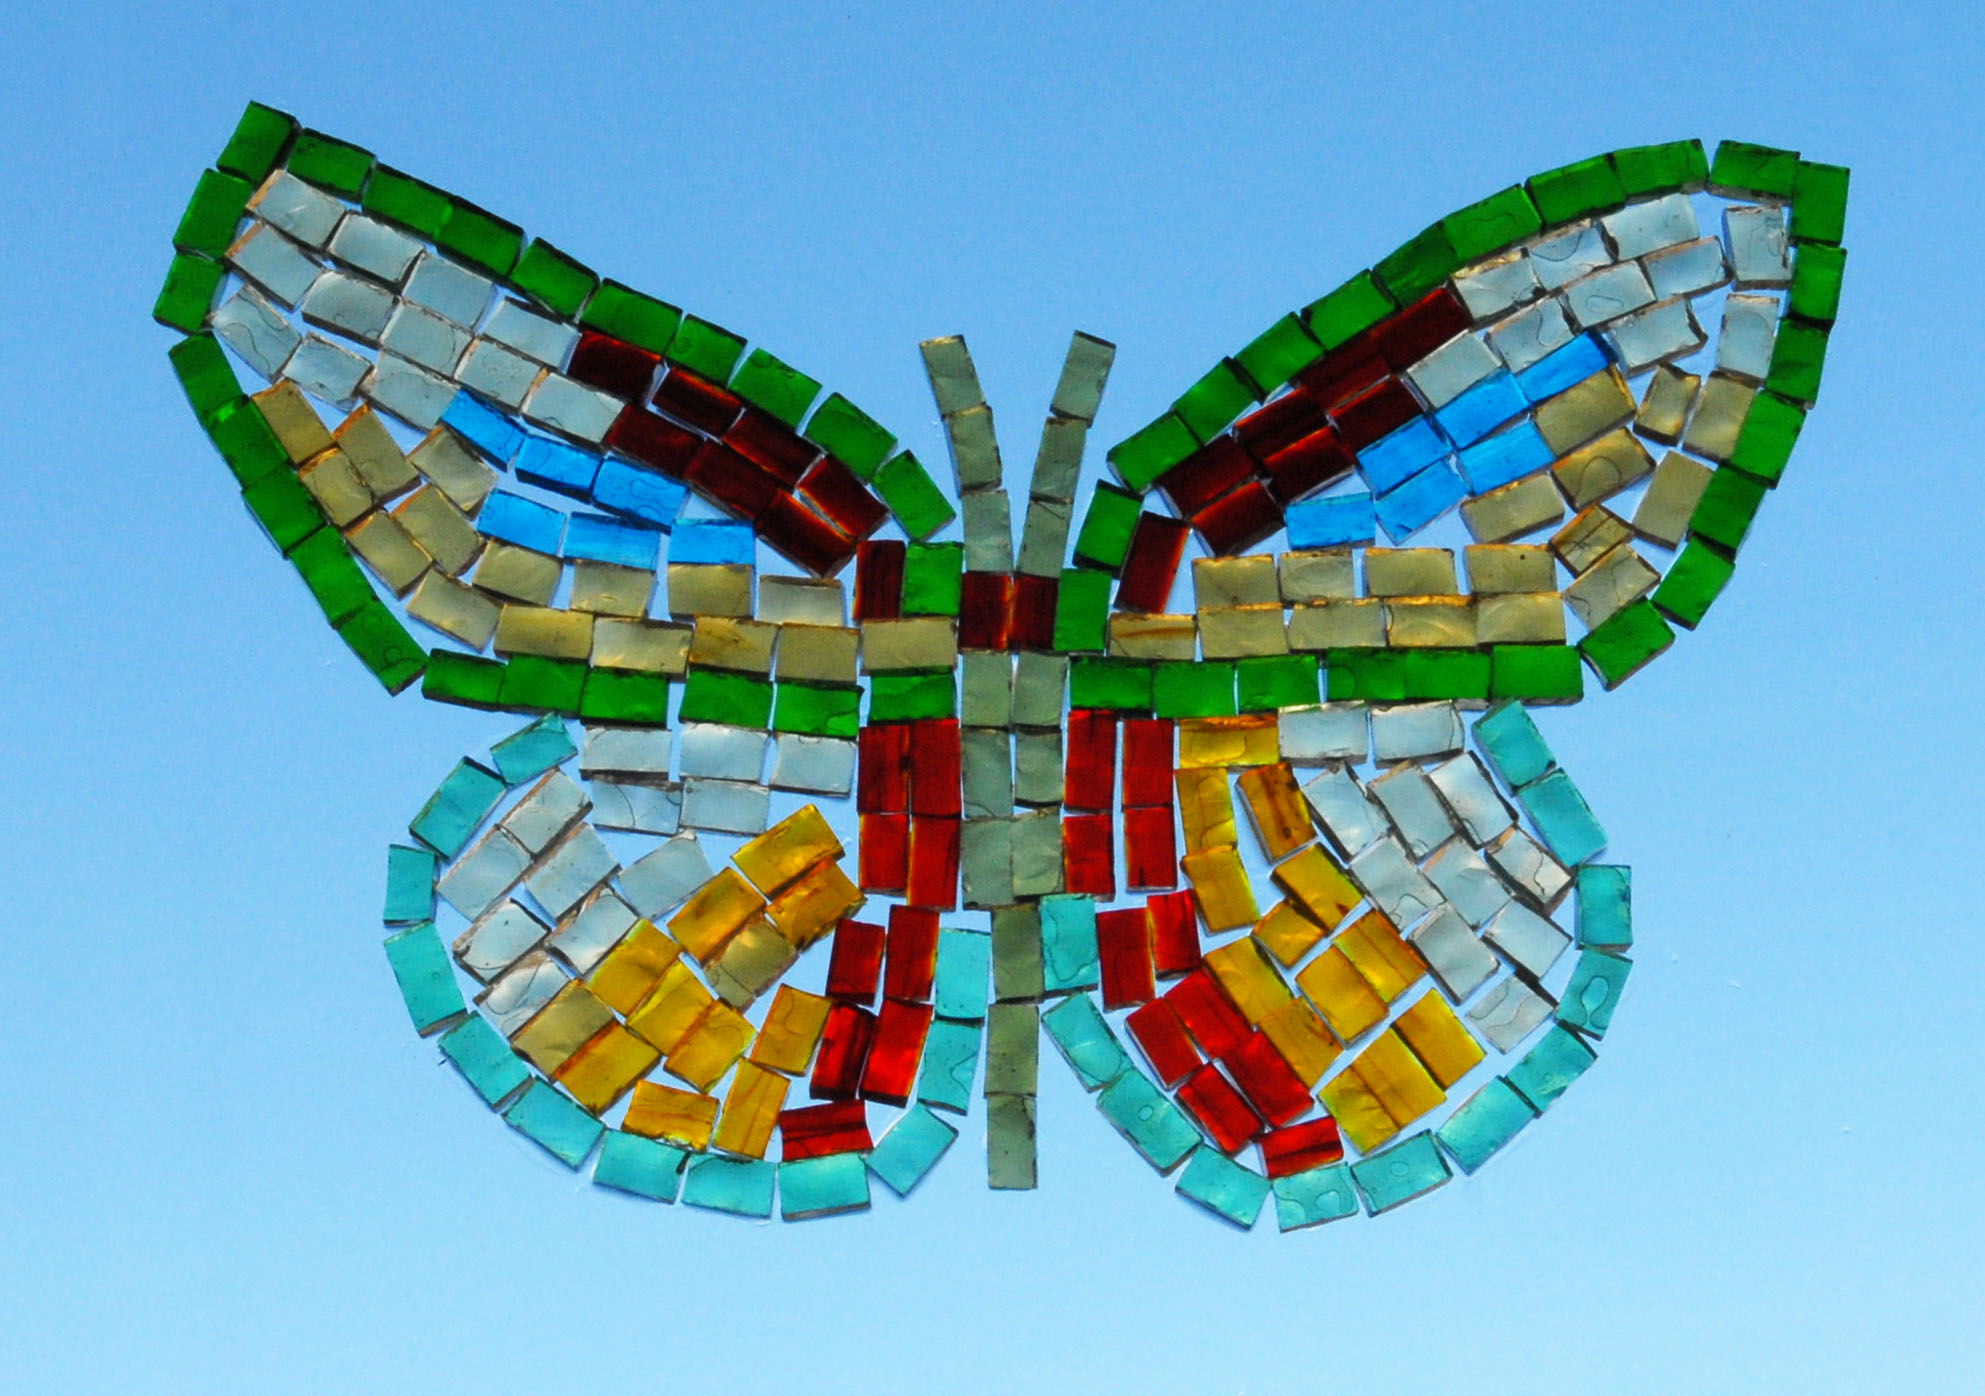 Butterfly, transparent glass mosaics